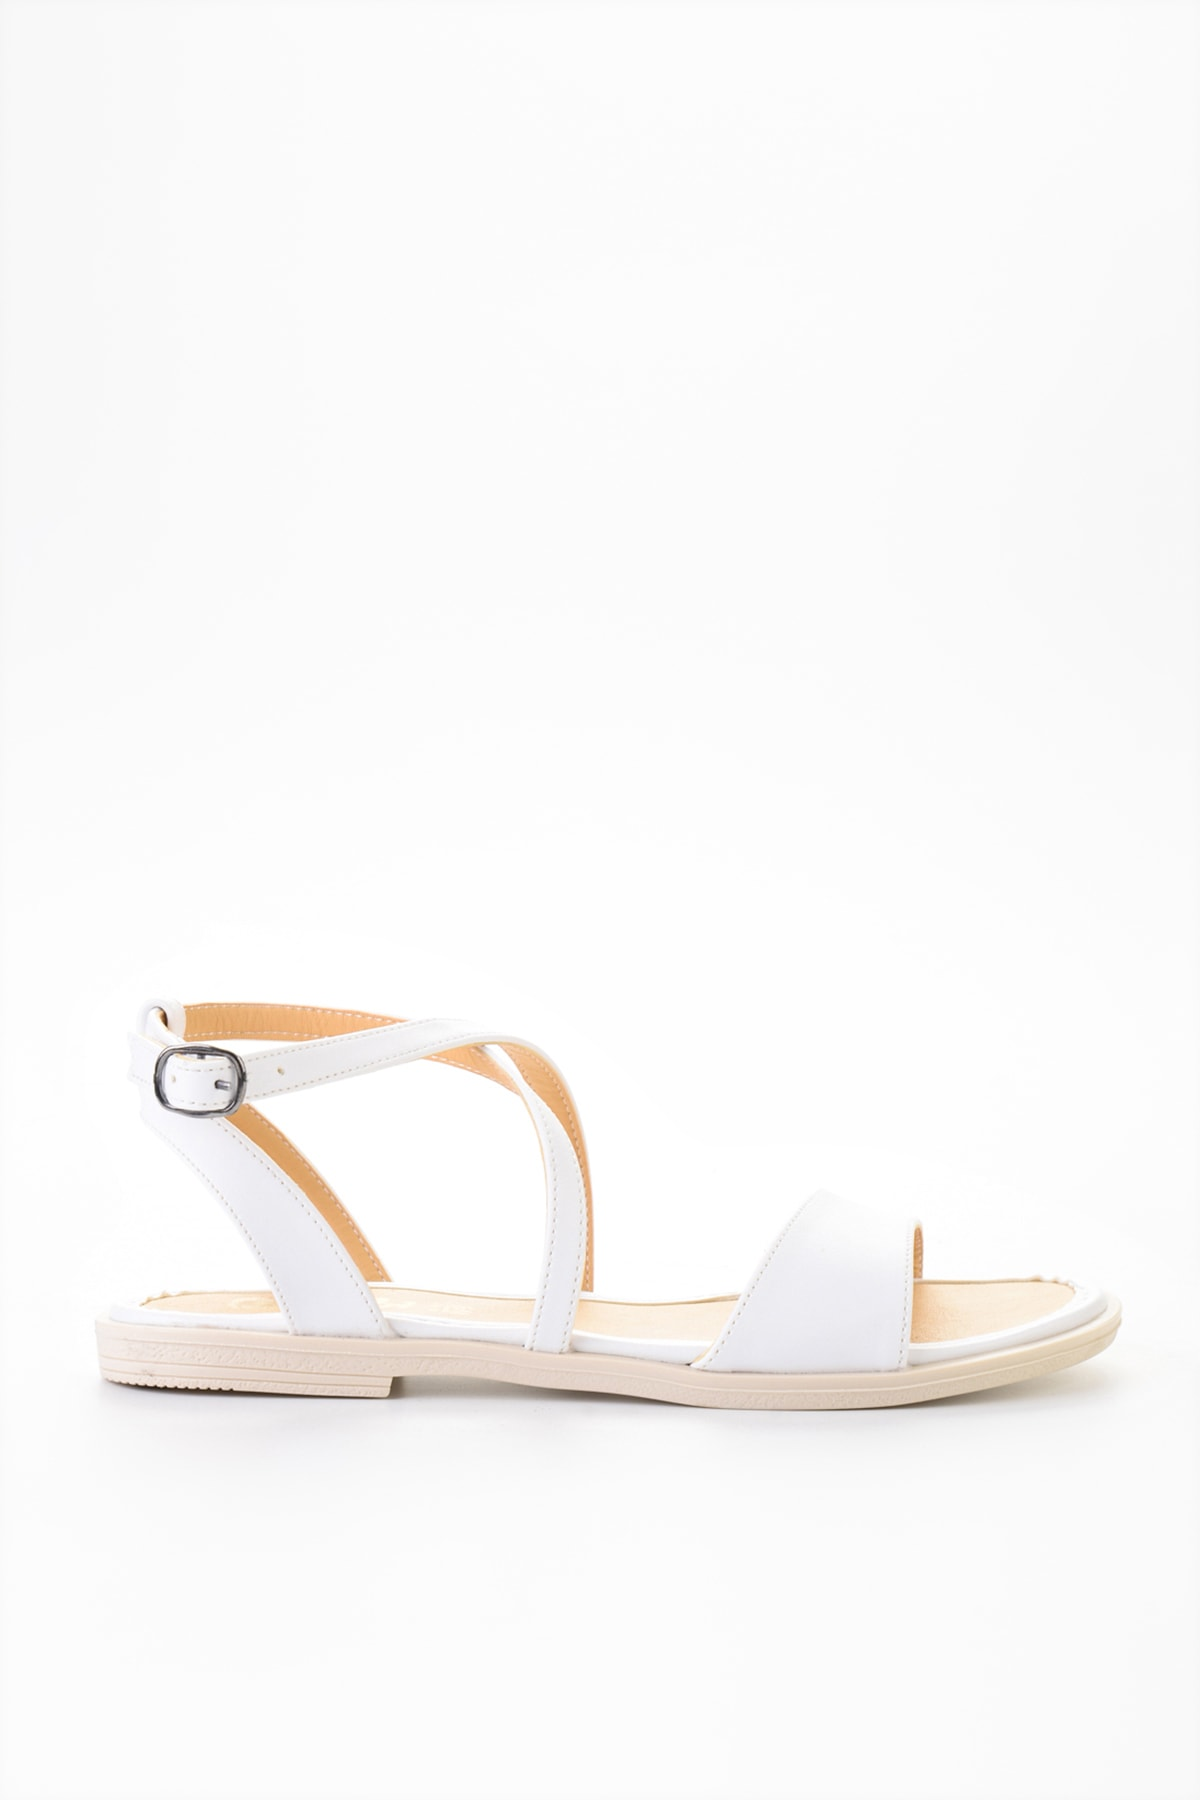 Bambi Beyaz Kadın Sandalet L0652071109 2